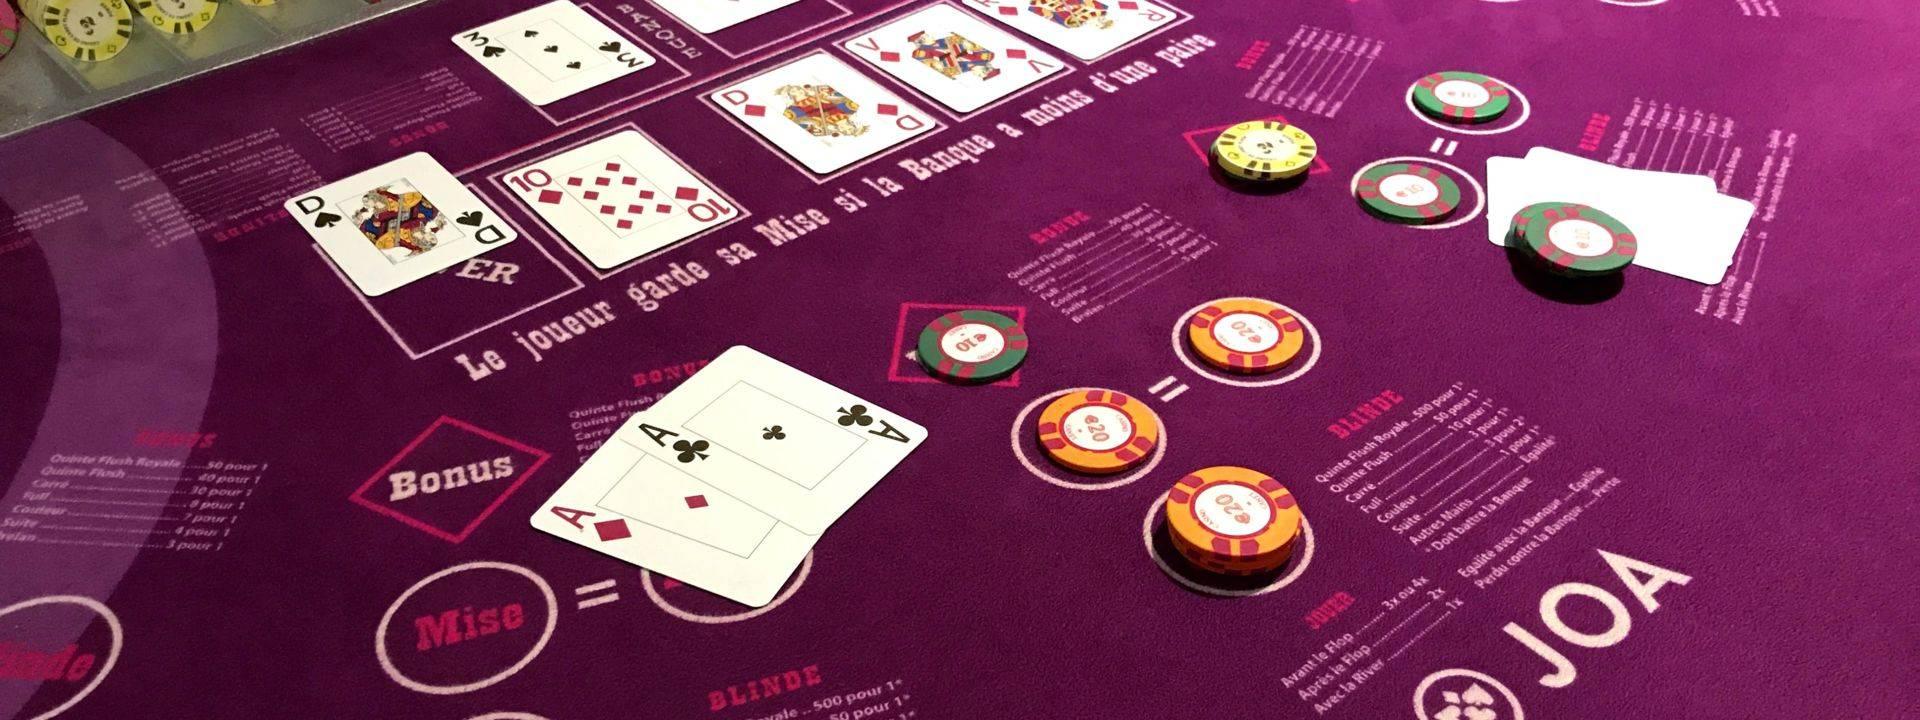 Joa poker en ligne 2006 razor poker checklist